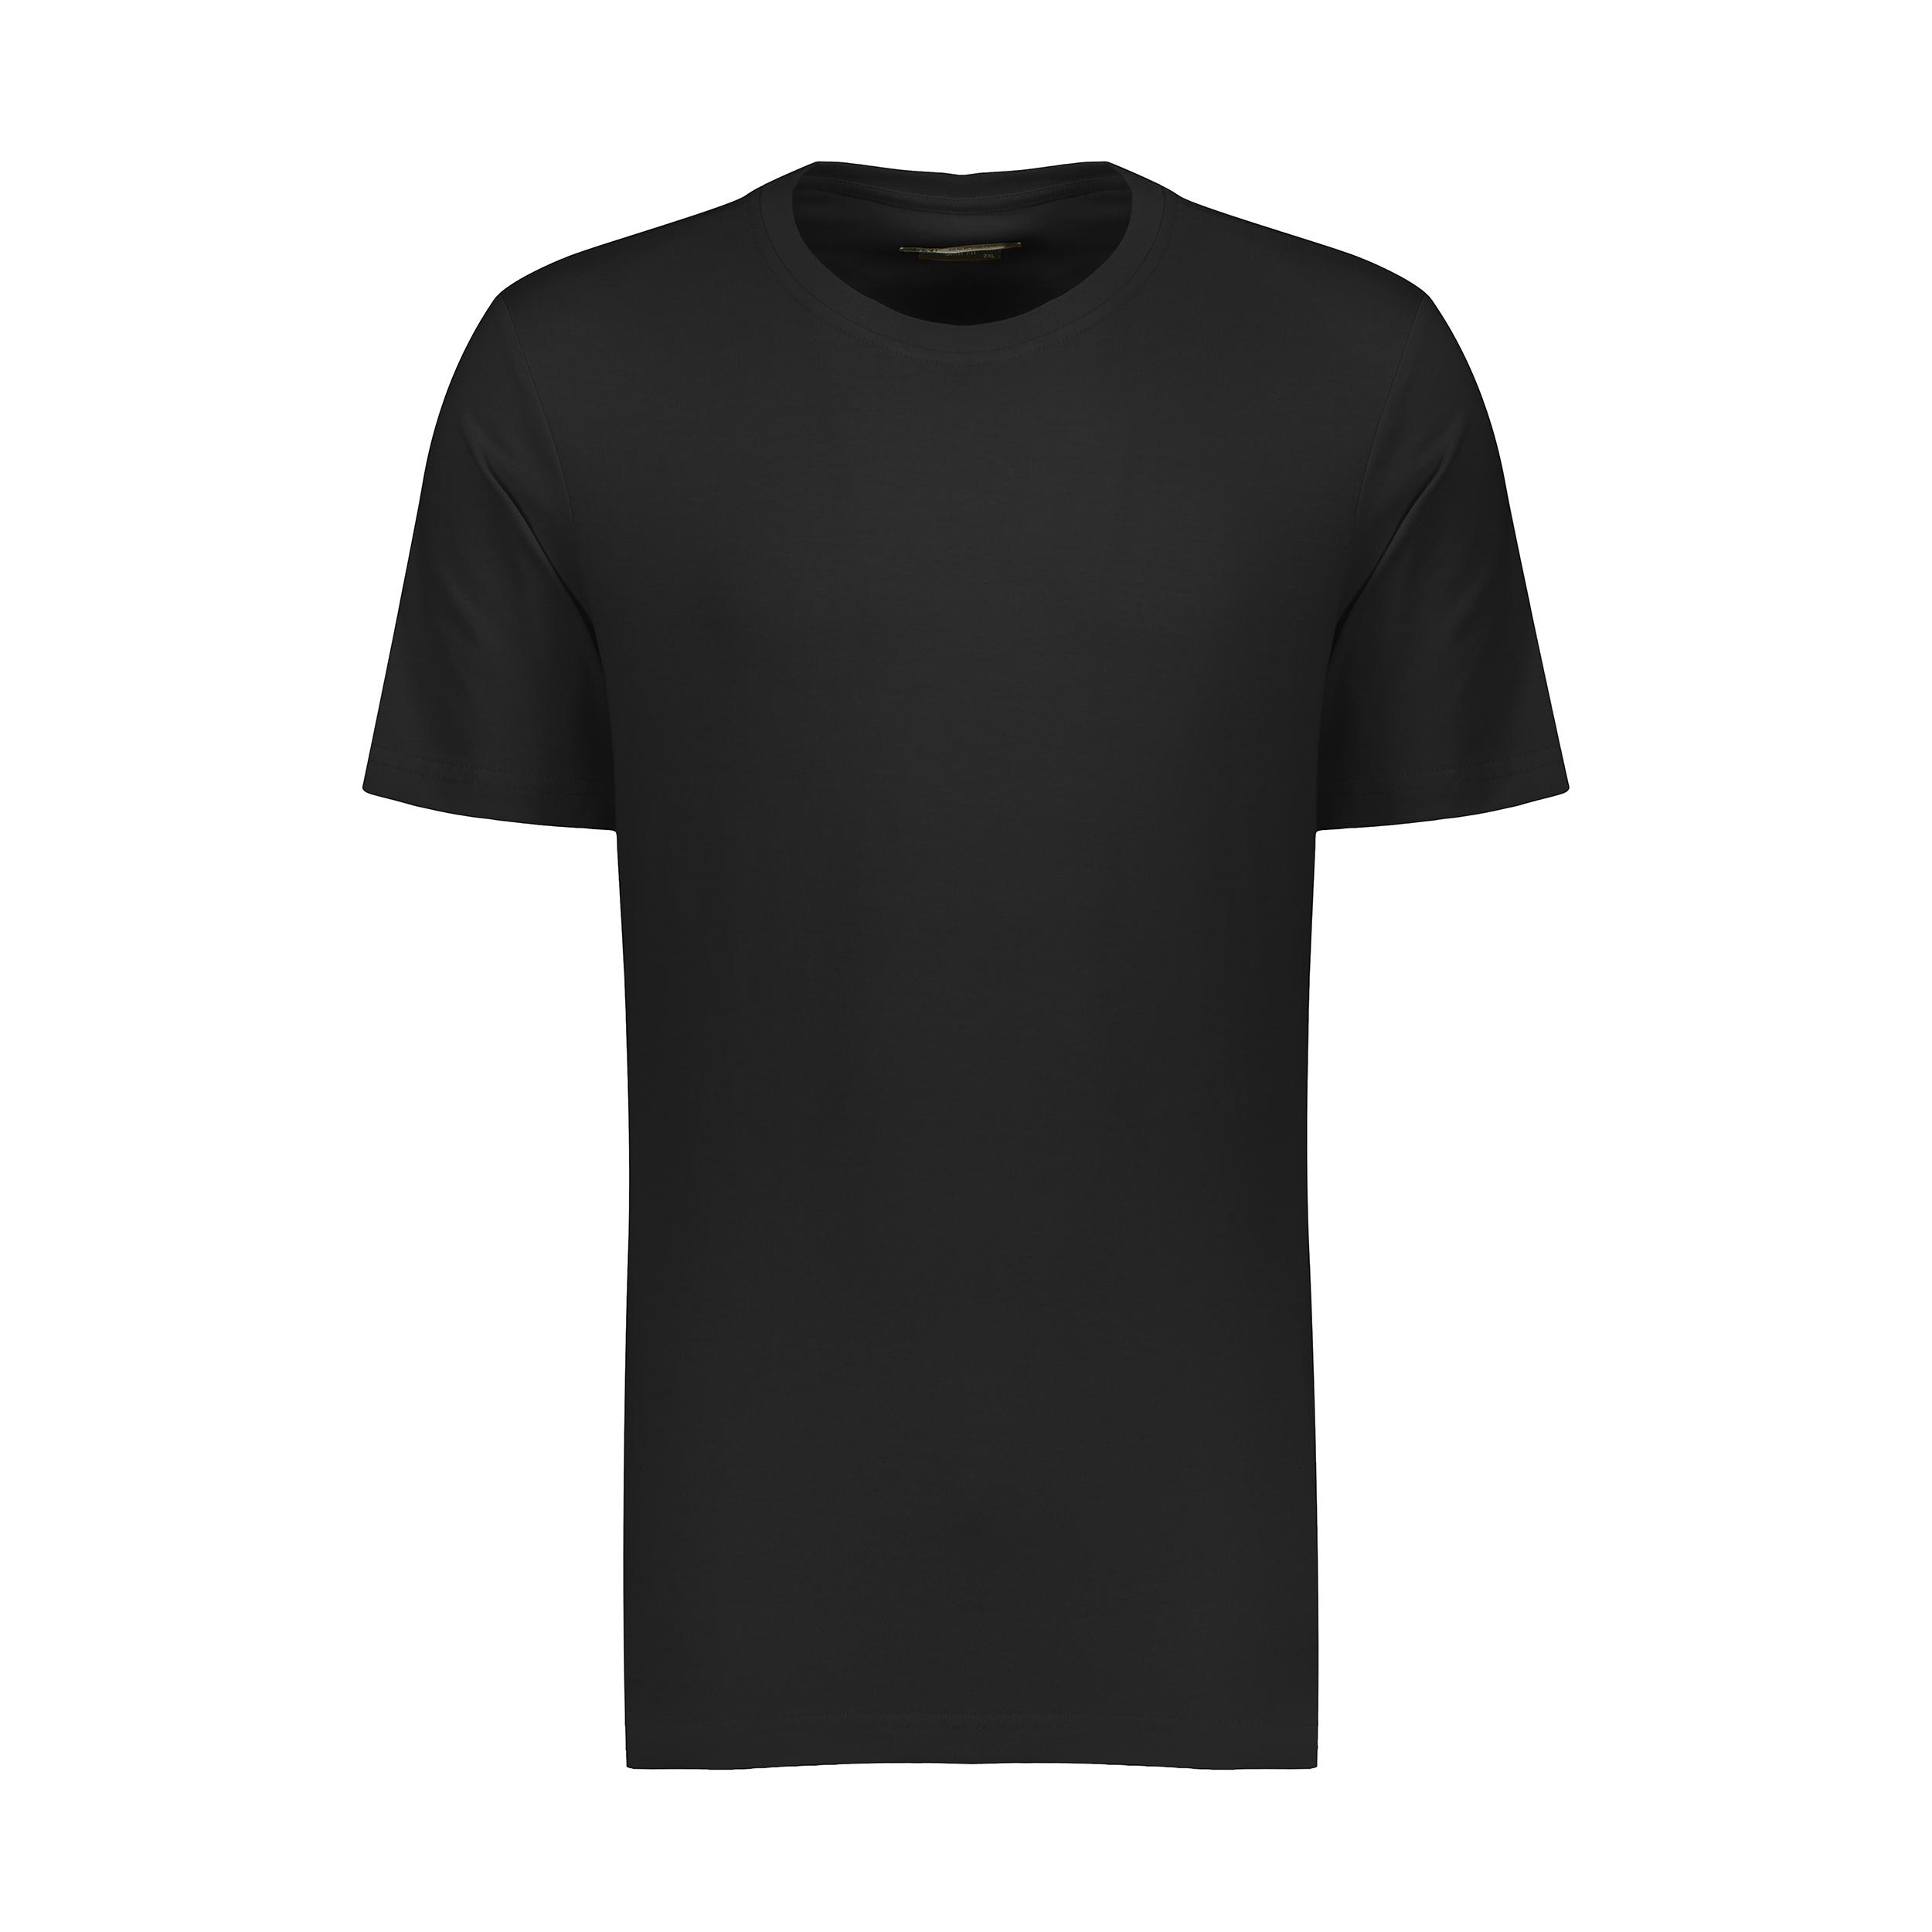 تی شرت مردانه جامه پوش آرا مدل 4011019457-99